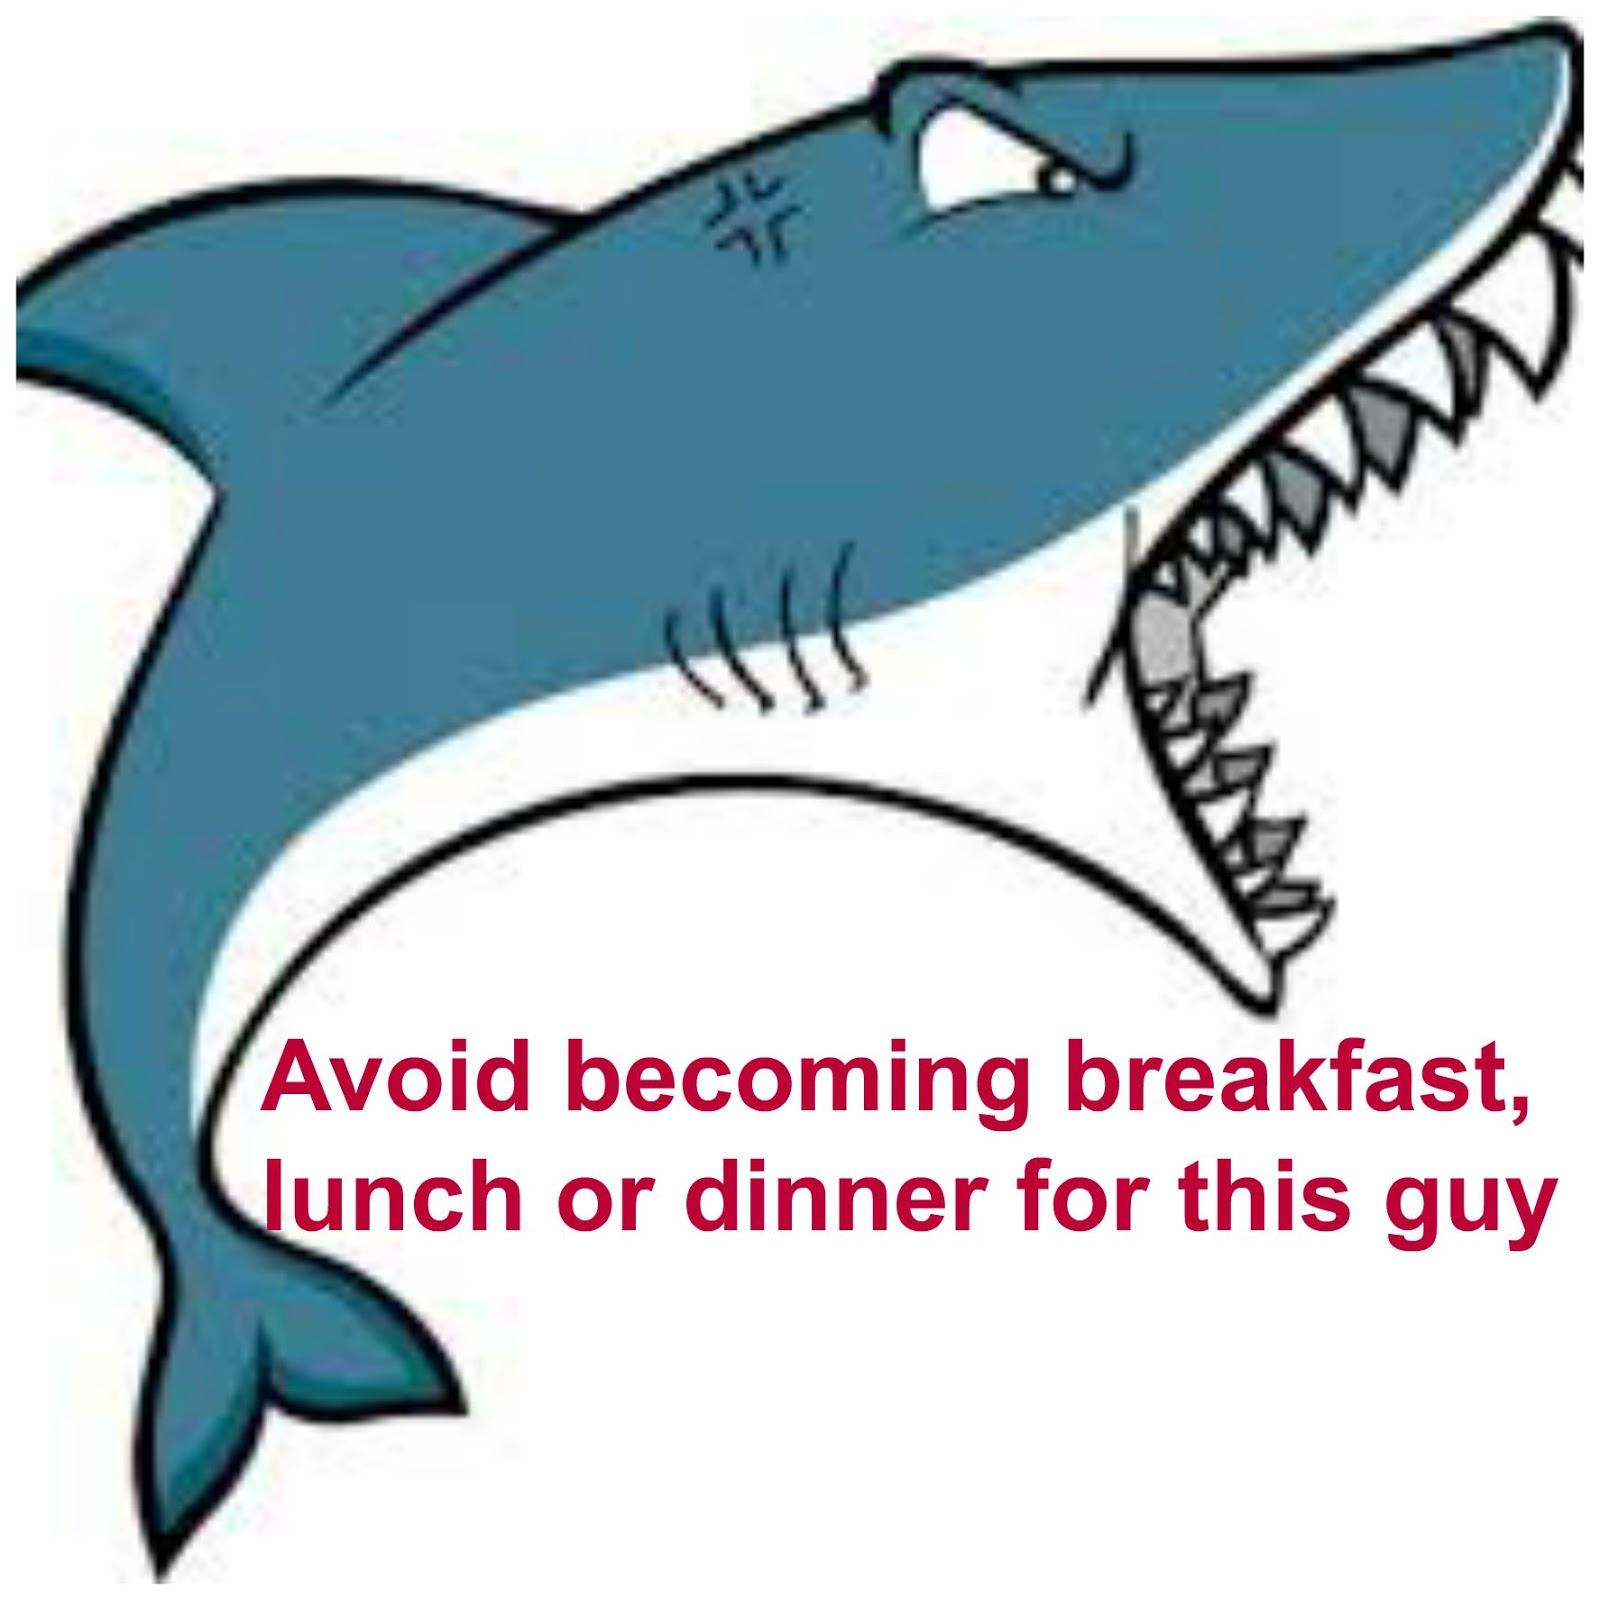 clipart mouth open shark #12